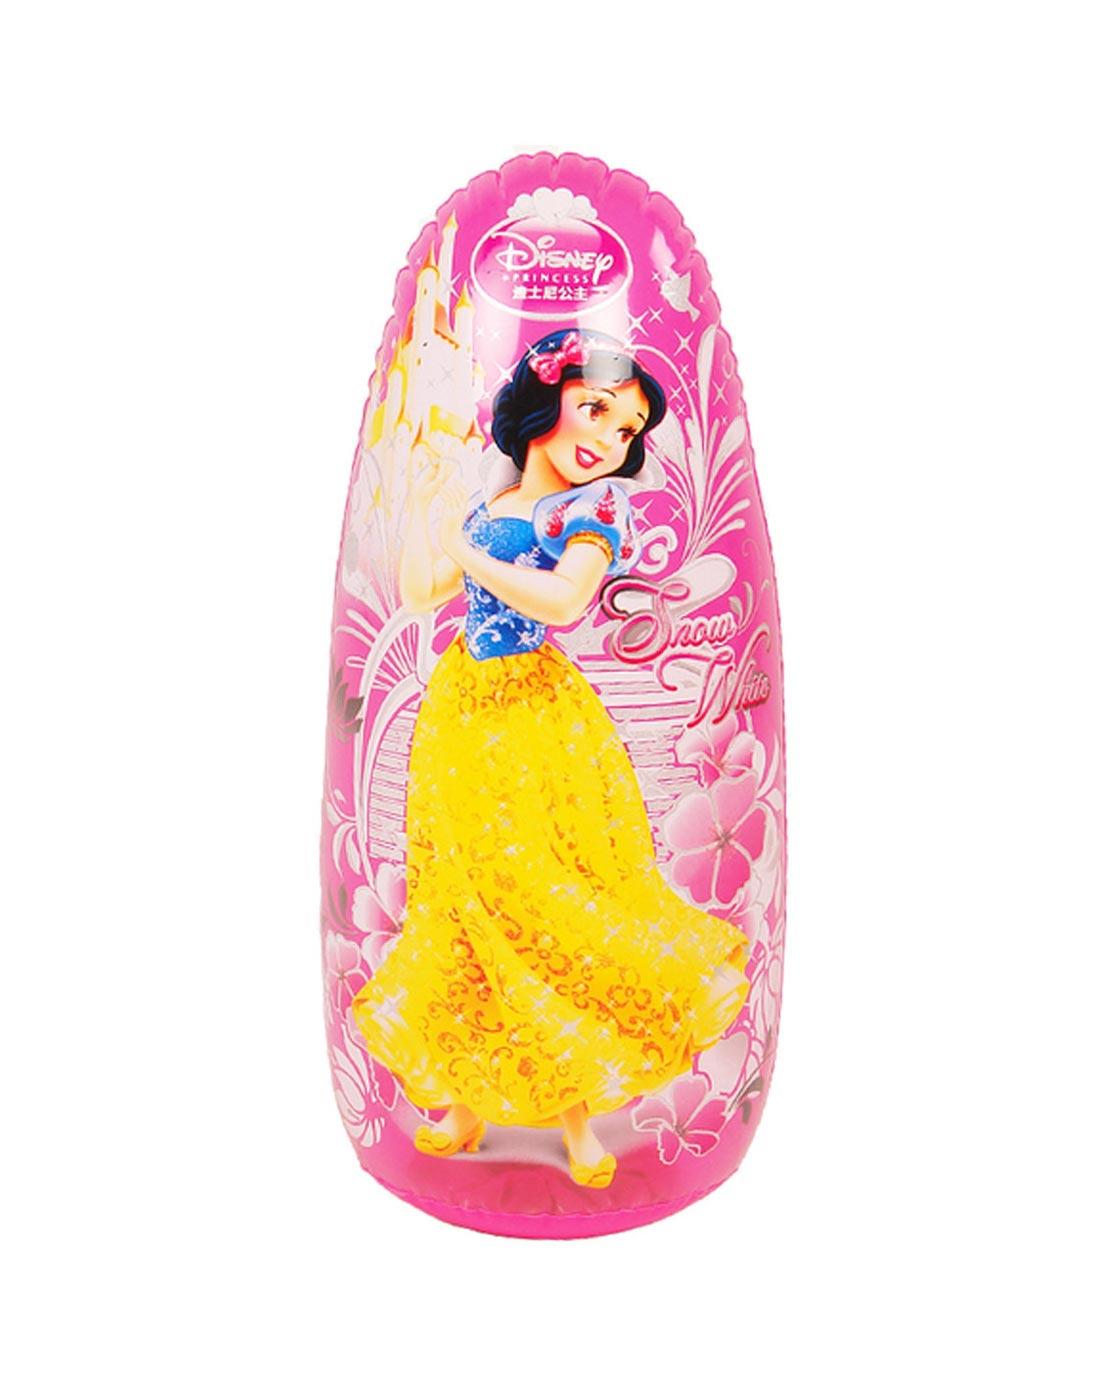 迪士尼 可爱白雪公主多功能趣味不倒翁